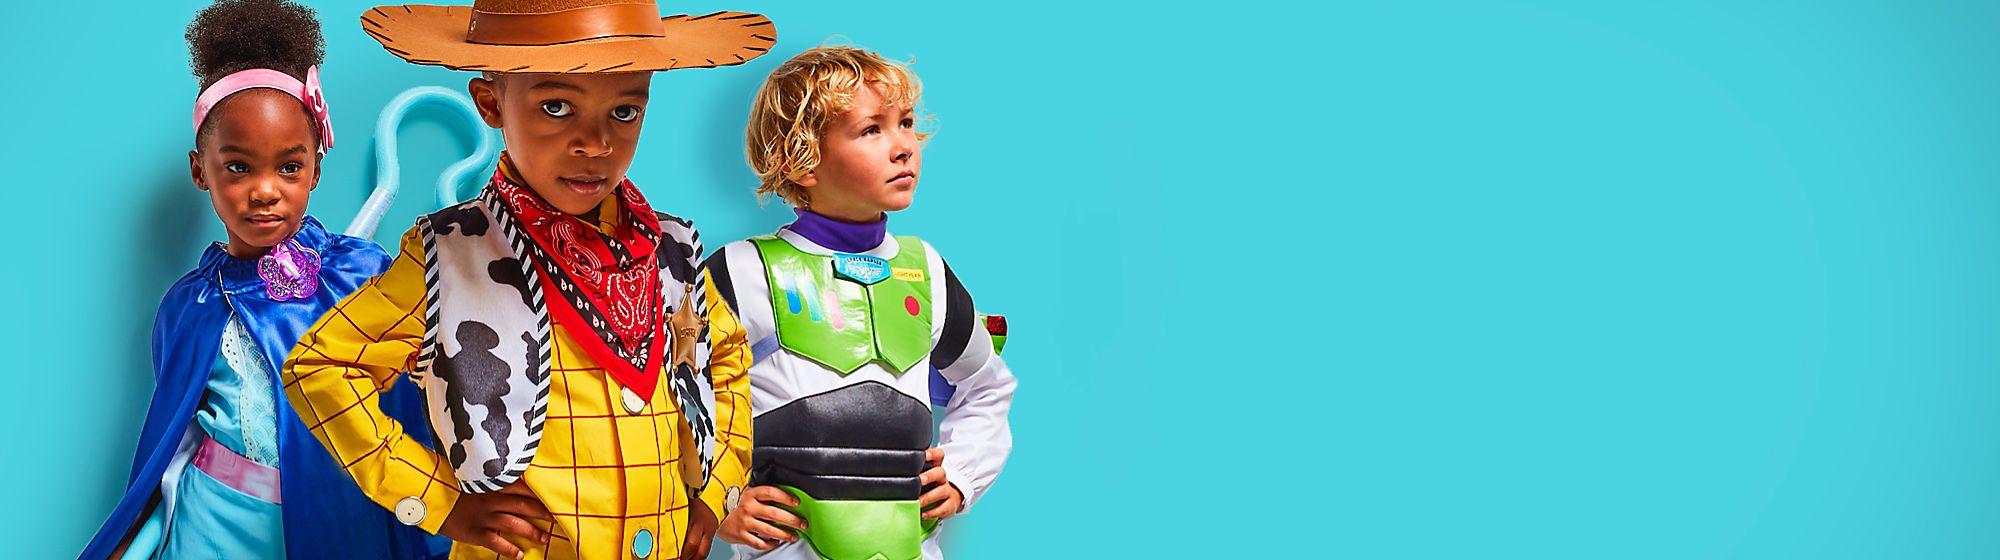 Catégories L'univers Disney s'invite chez vous avec les produits dont vous rêvez : des jouets aux pièces de collection exclusives en passant par les vêtements, les produits pour la maison et plus encore !